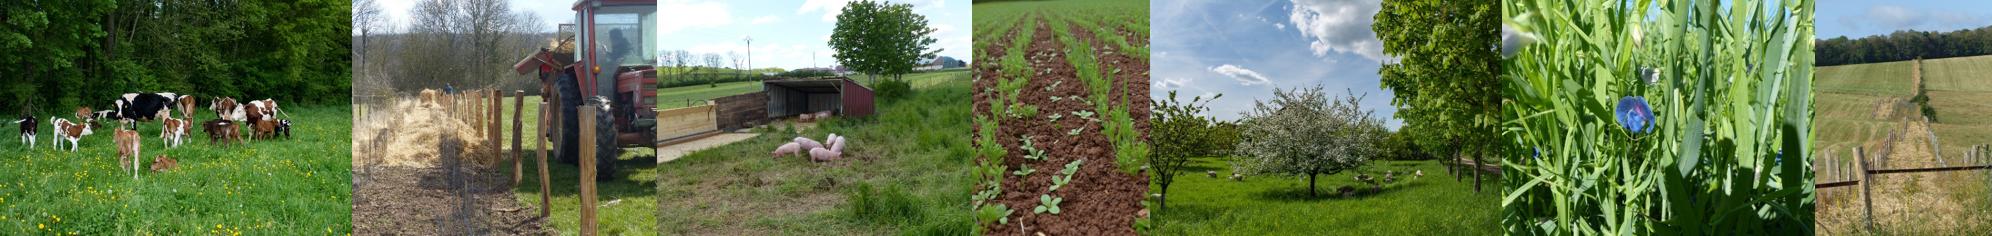 Agriculture Biologique : Installation Expérimentale d'un système de polyculture-polyélevage